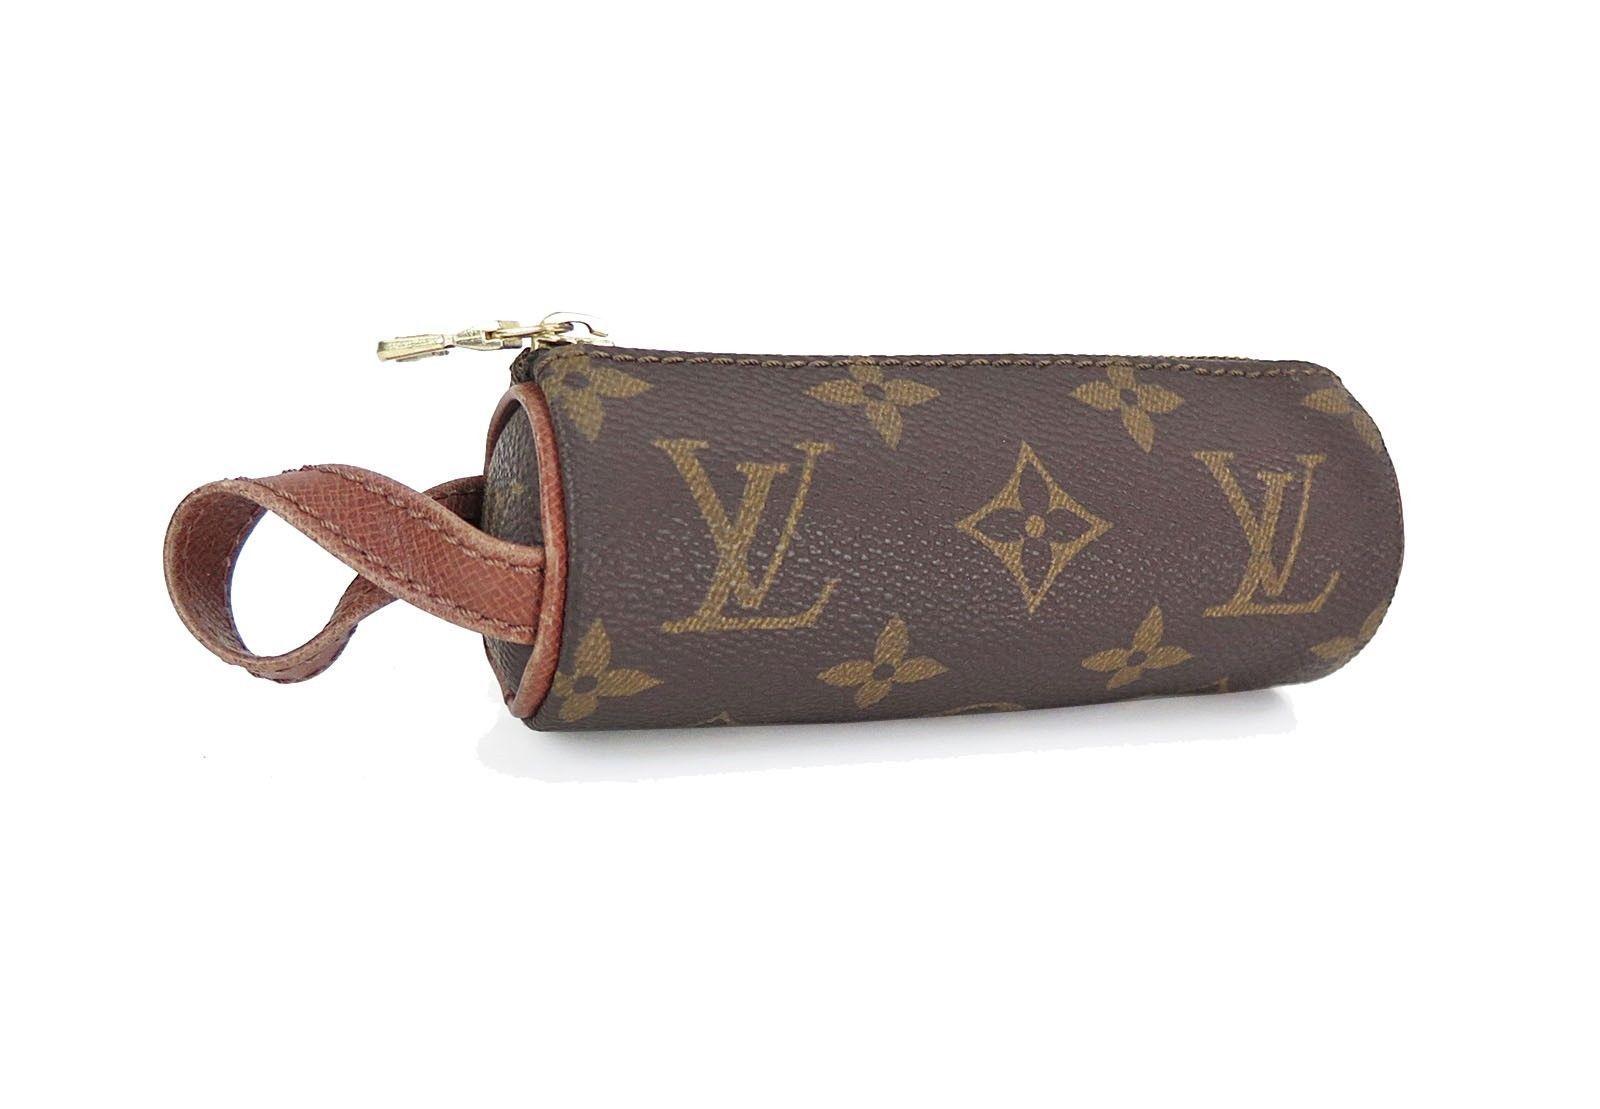 Authentic LOUIS VUITTON Monogram Canvas Golf Ball Bag Pouch #21908